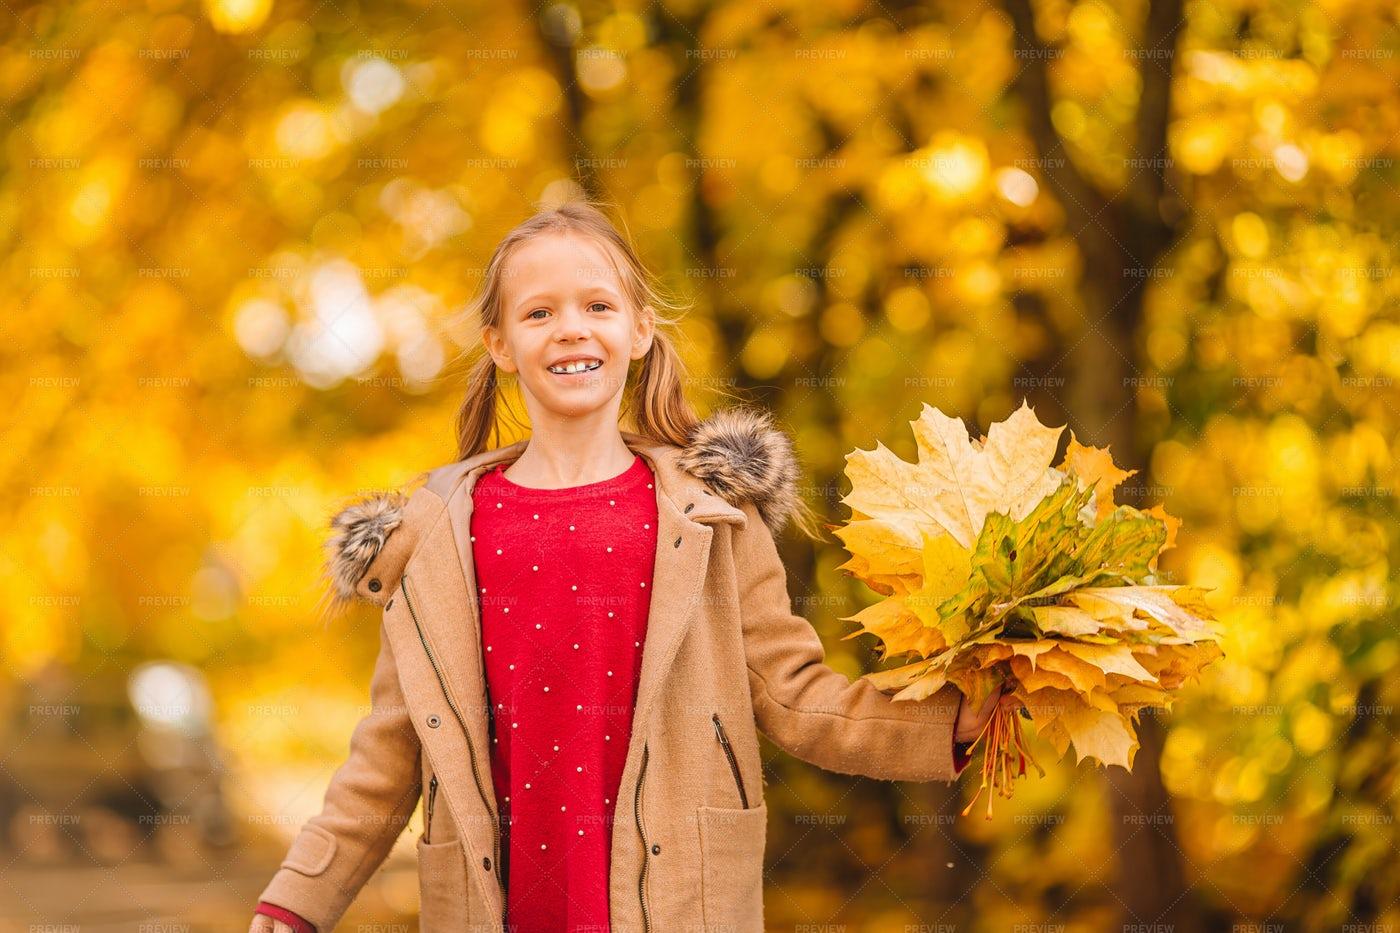 Girl With Enjoying Fall: Stock Photos